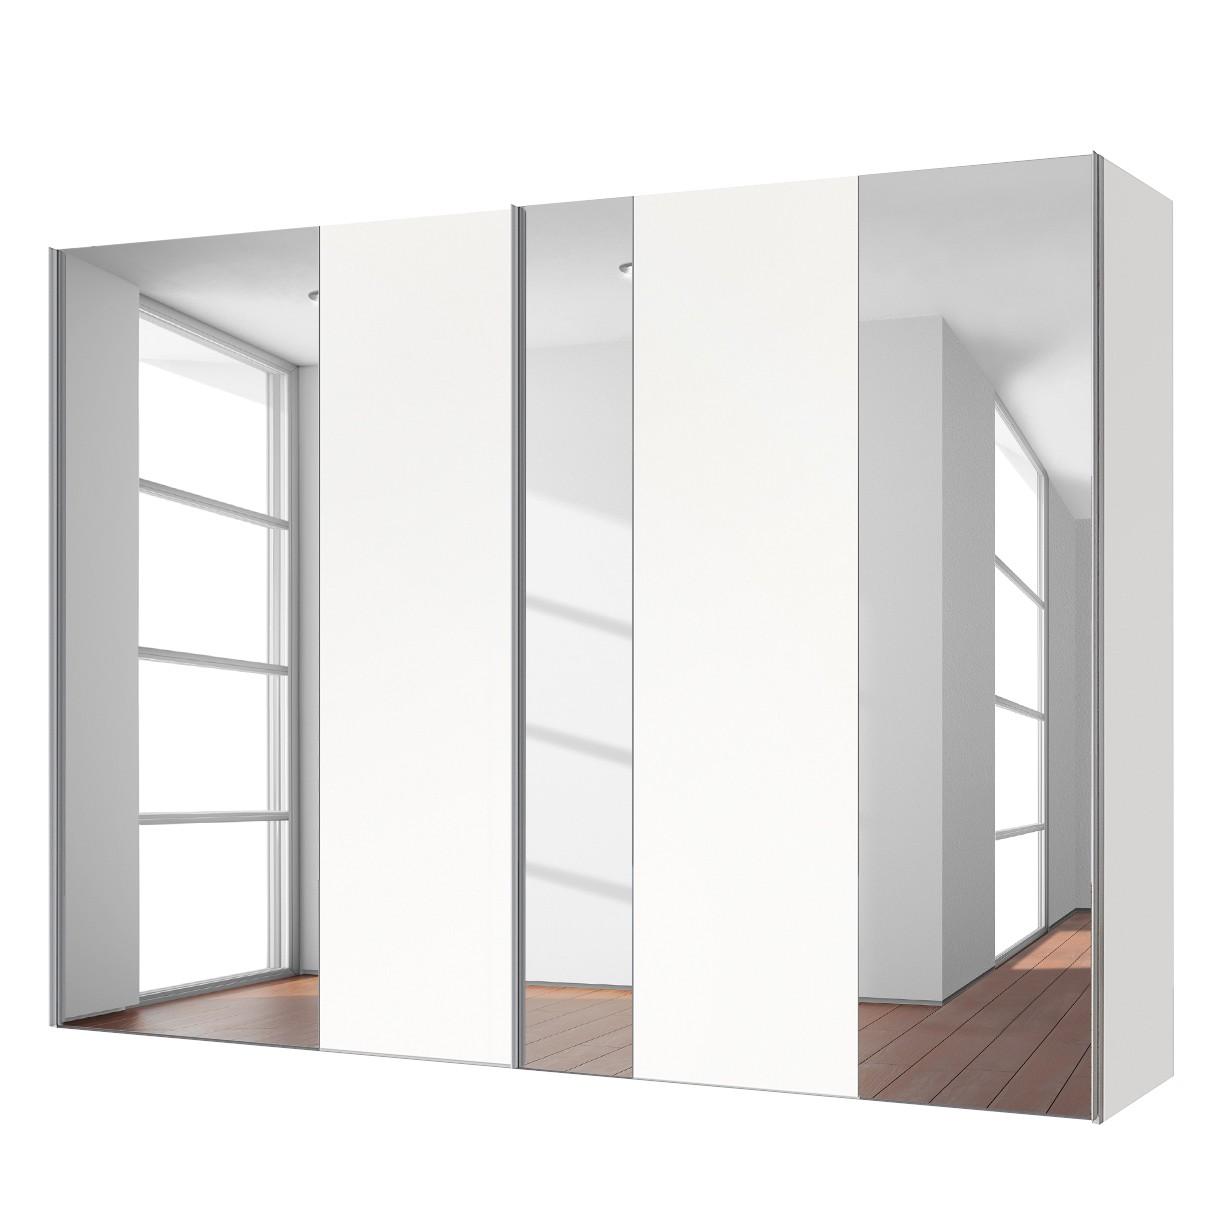 goedkoop Zweefdeurkast Cando Poolwit Spiegelglas 250cm 2 deurs Express Mobel